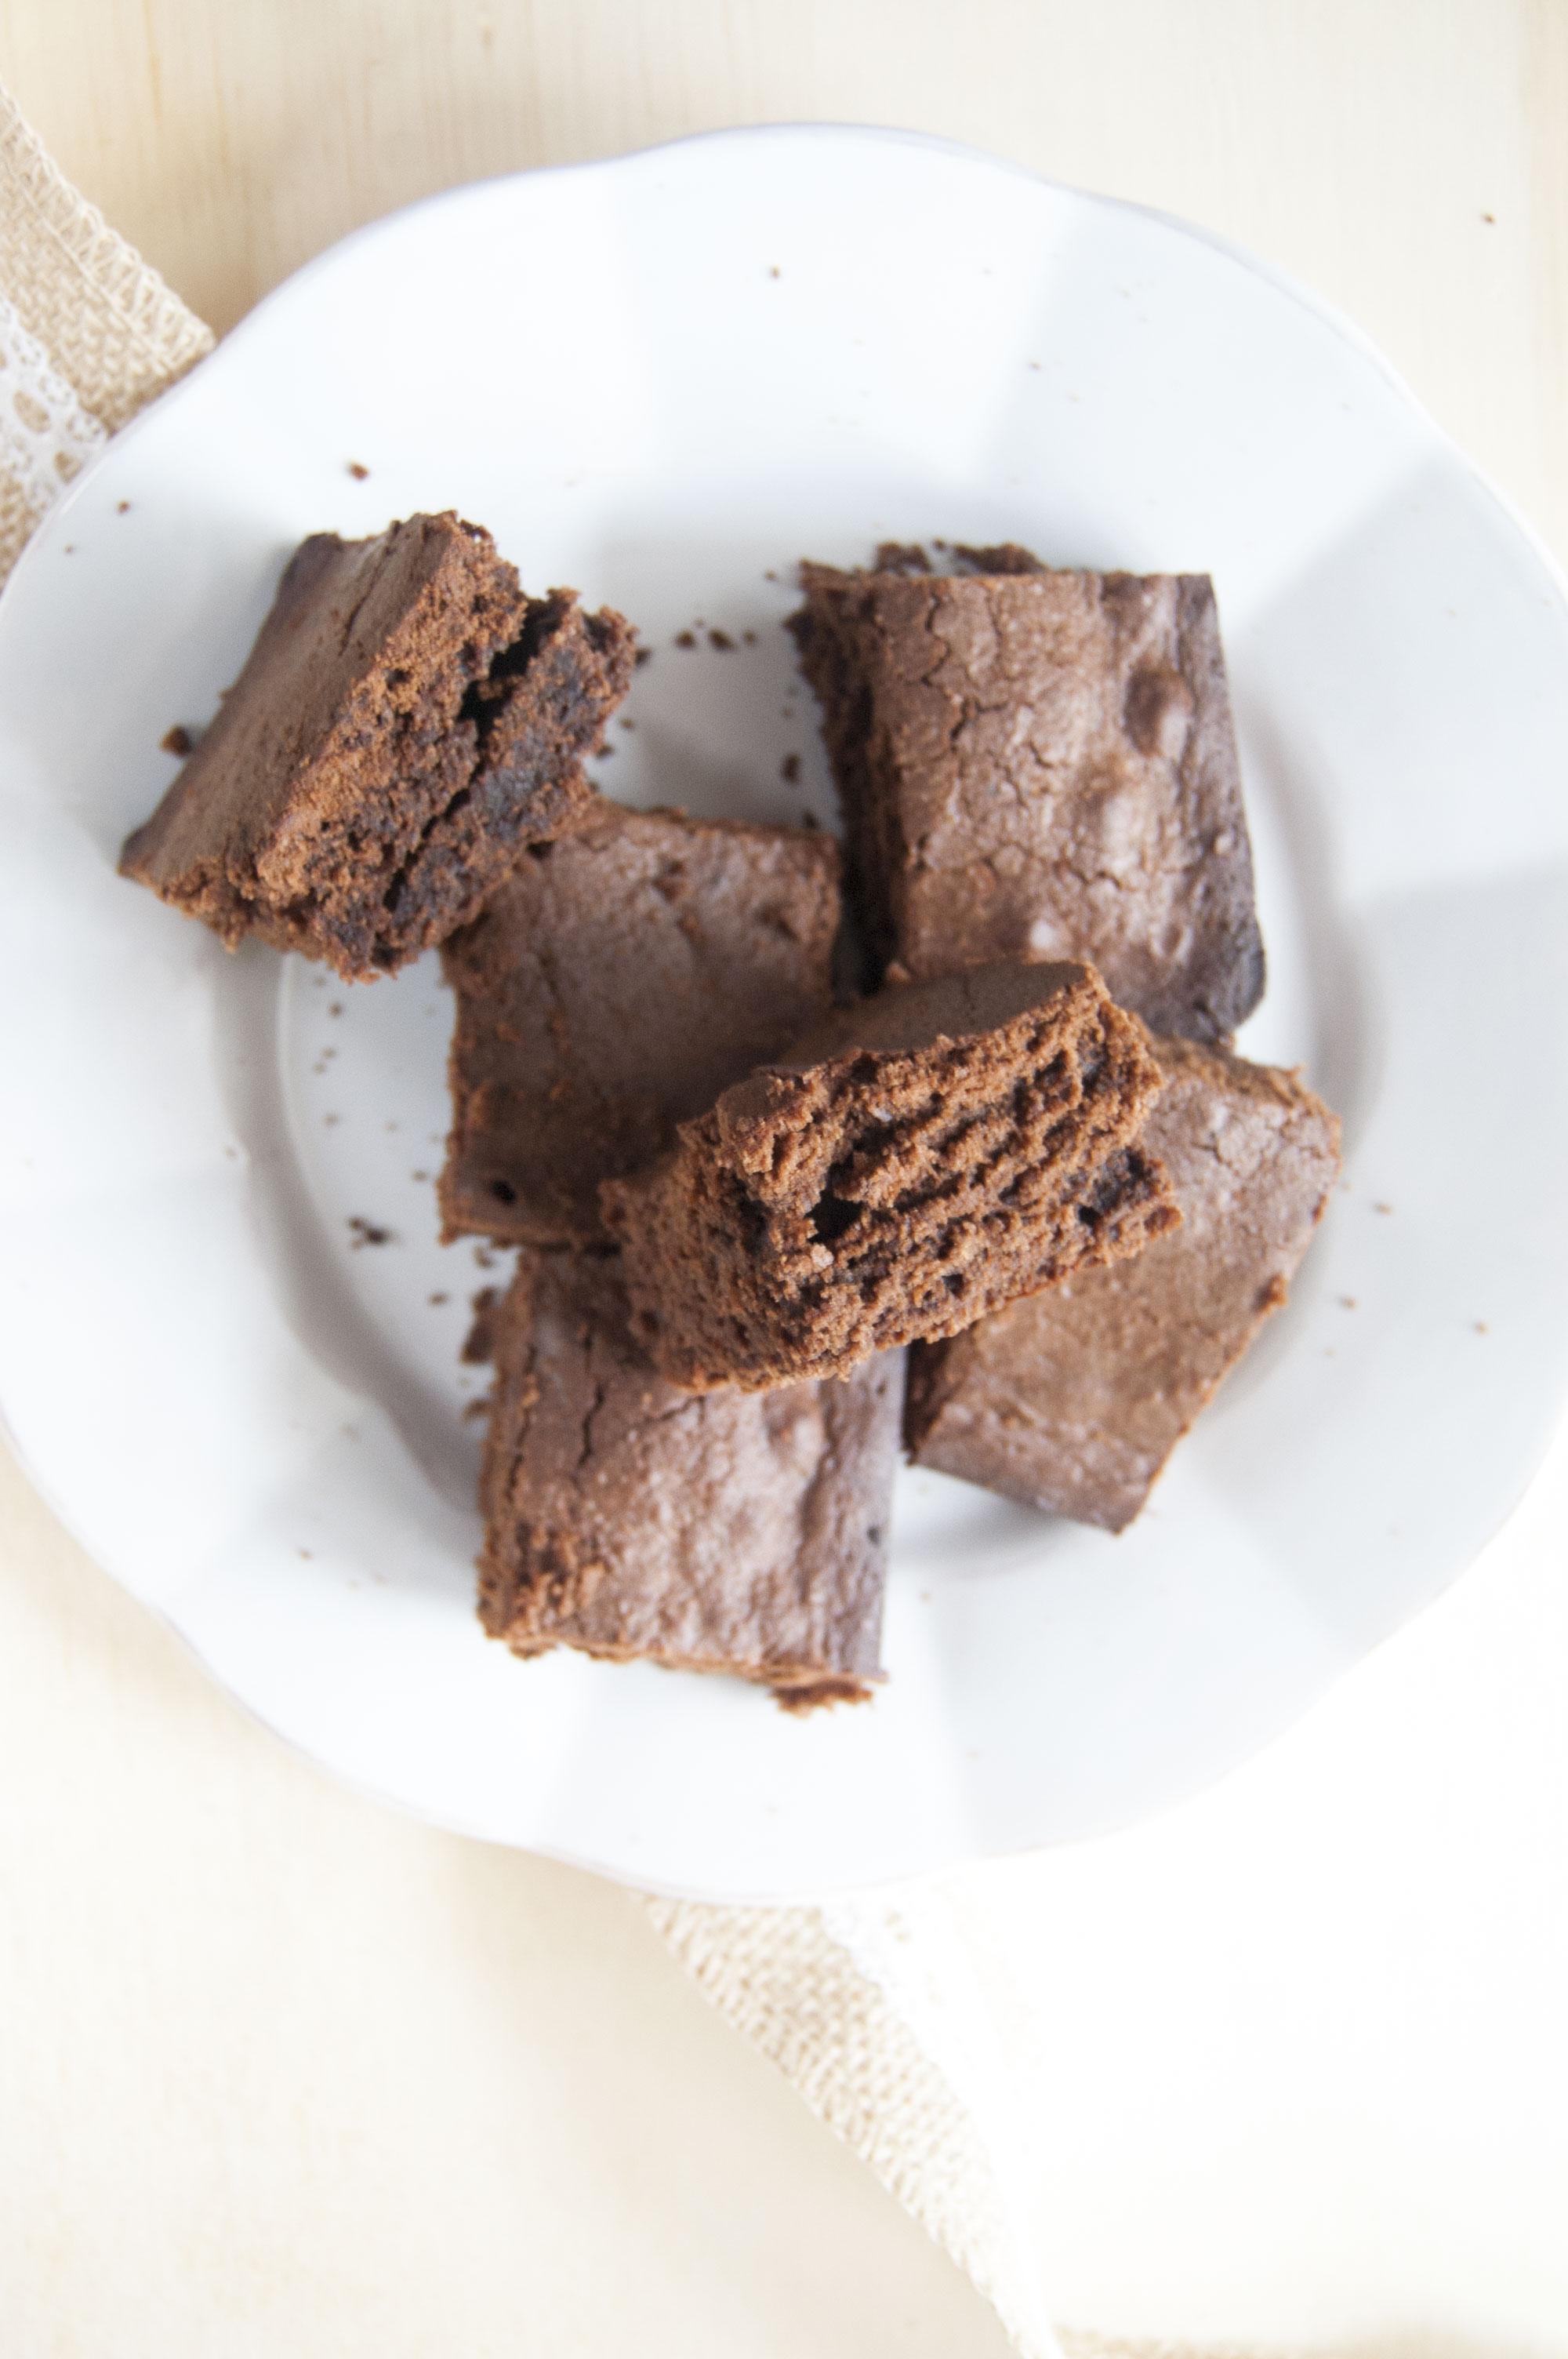 Brownies caff e cioccolato facili e veloci kappa in - Kappa in cucina ...